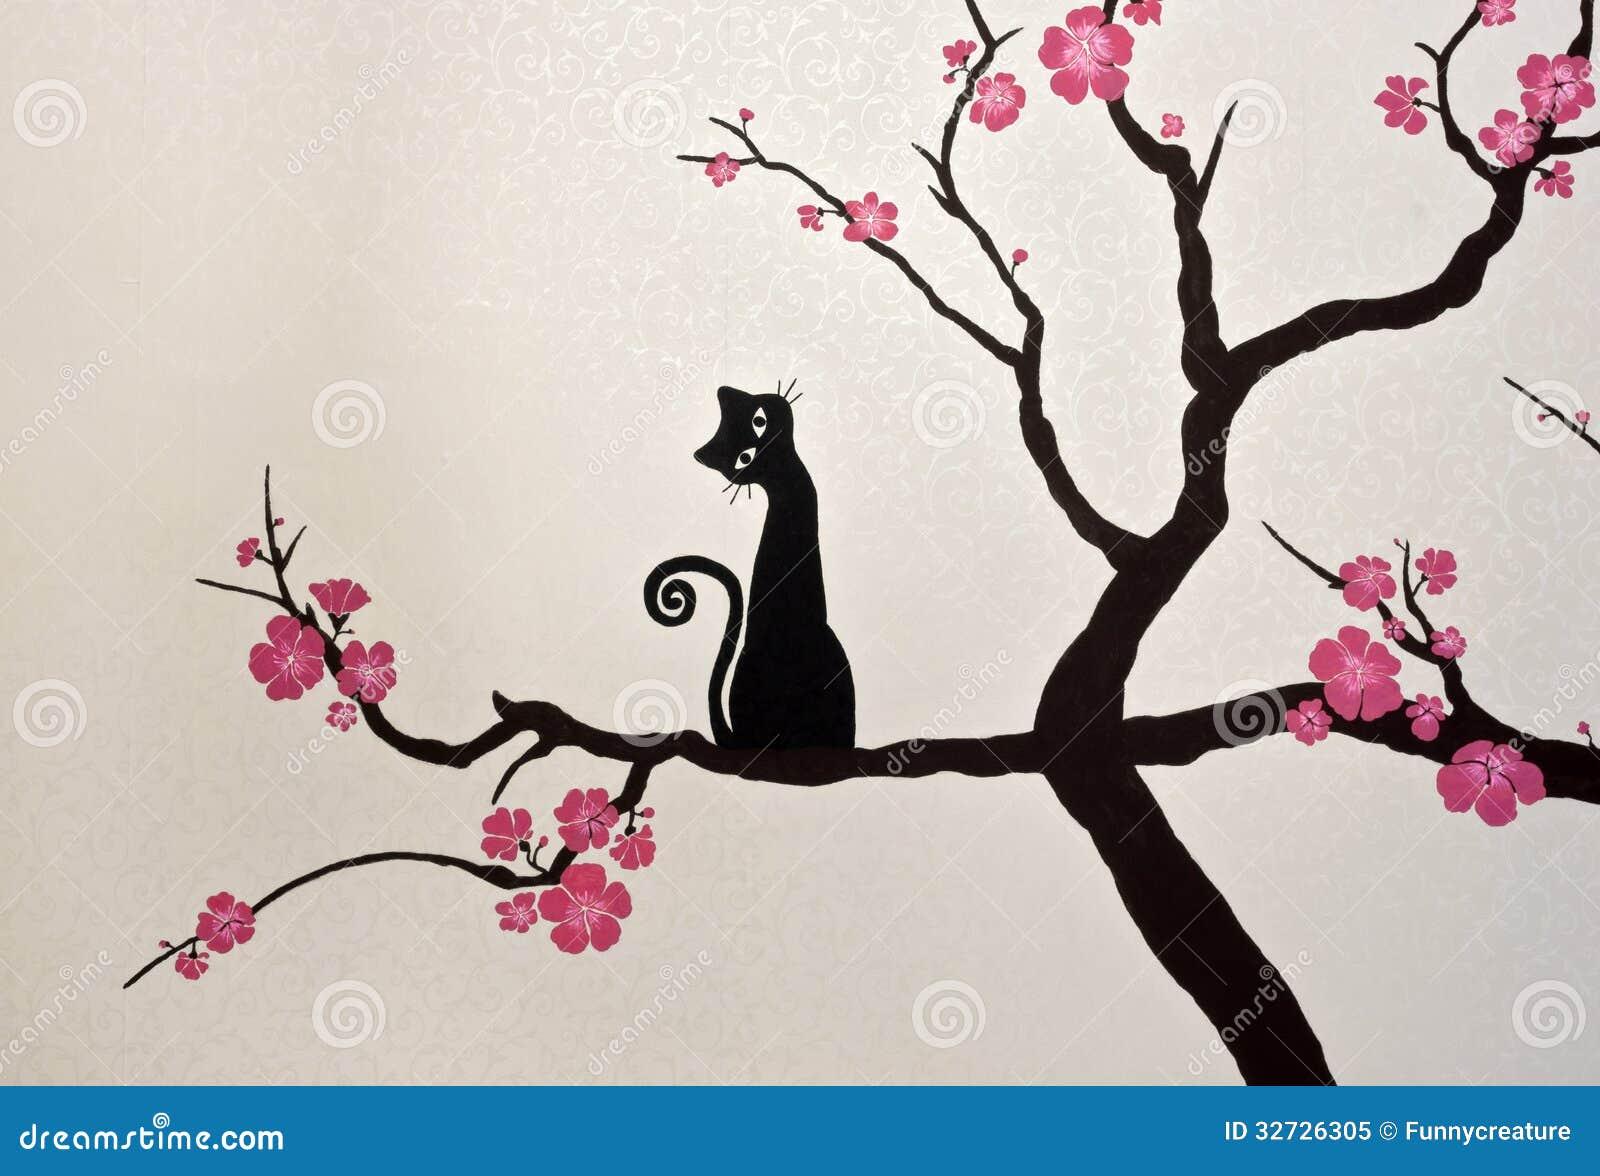 Gato que se sienta en una rama floreciente de sakura - Papel pintado ramas arbol ...